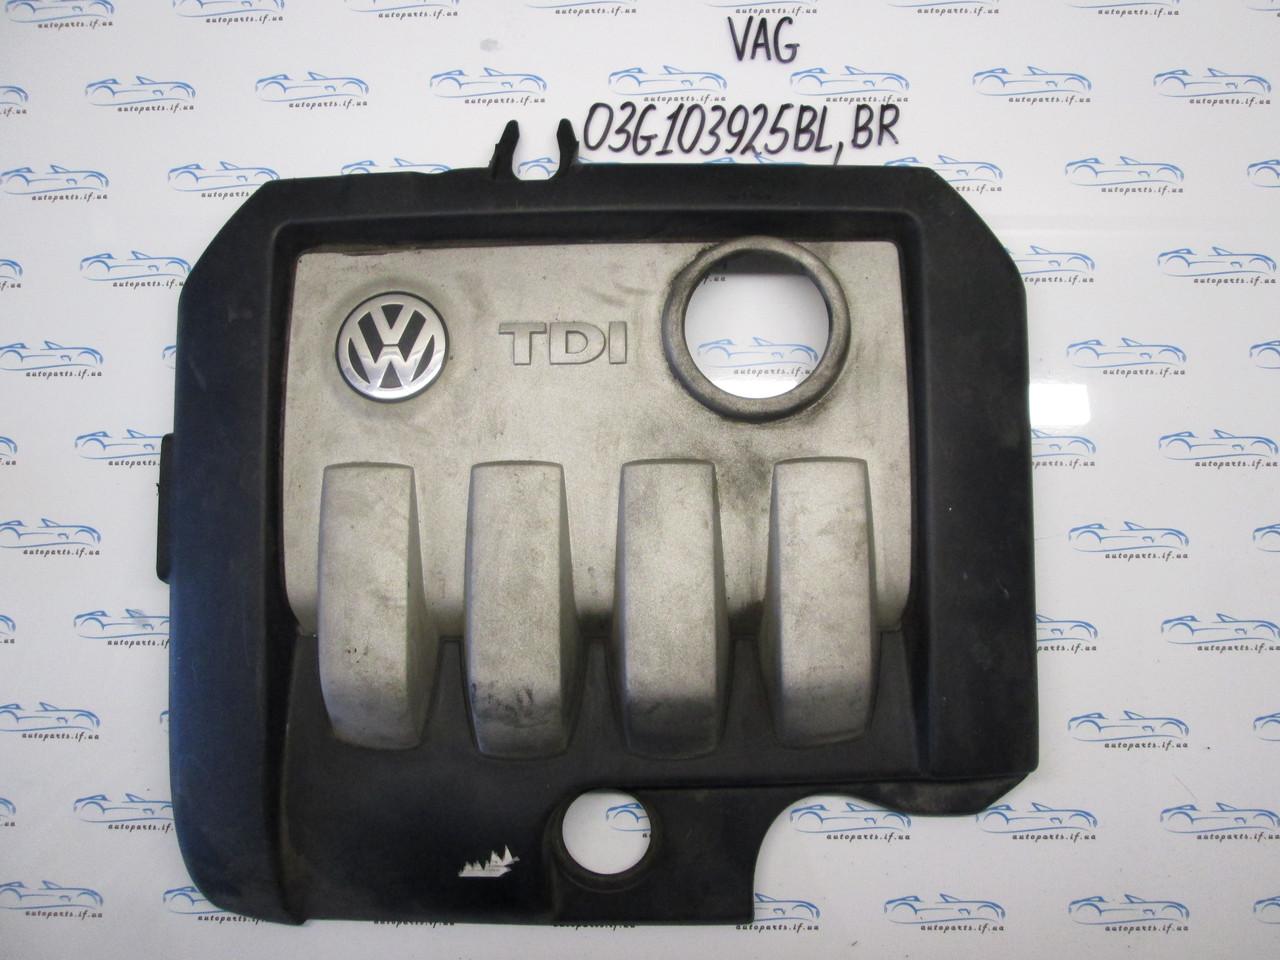 Накладка двигателя декоративная Golf 5 1.9TDI 03G103925BL, 03G103925BR